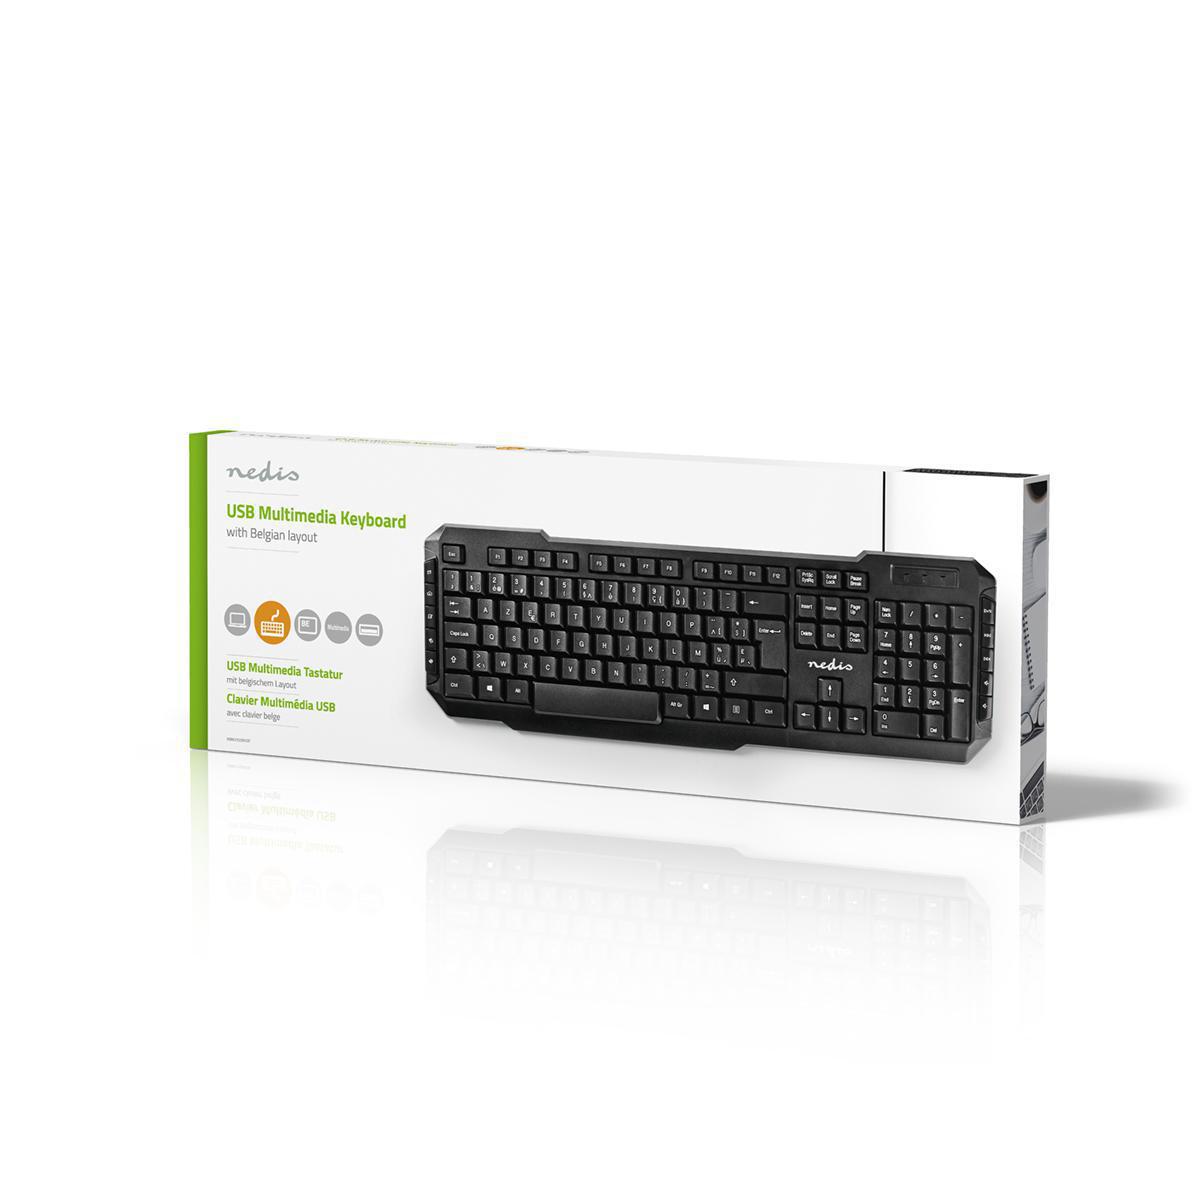 Kablet Tastatur   USB 2.0   Belgisk oppsett   Nedis